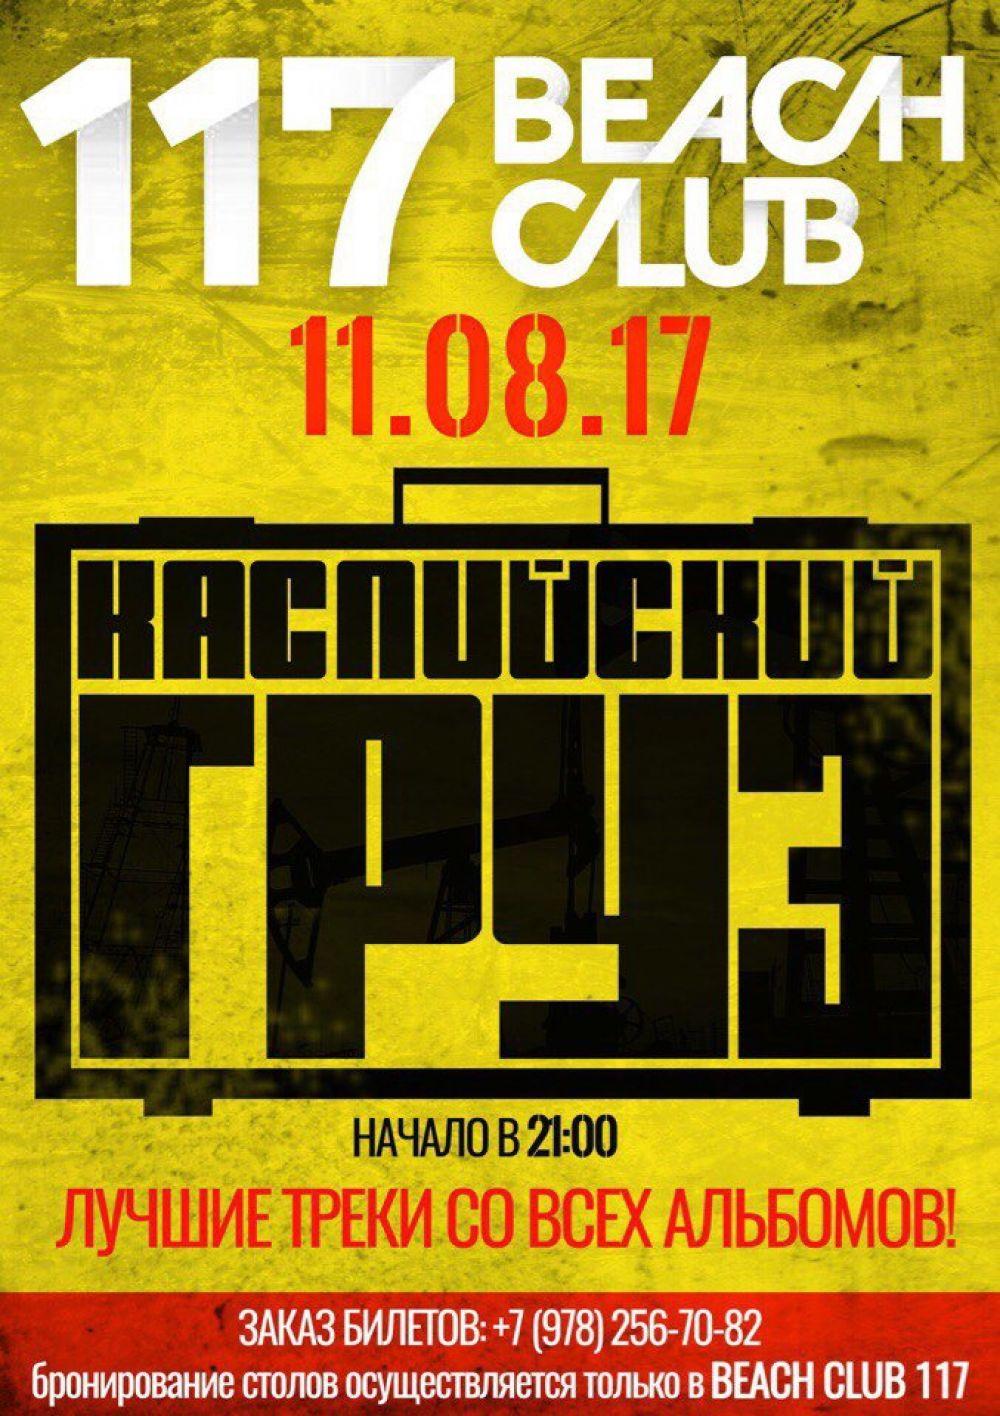 Большой концерт группы «Каспийский Груз» в Beach Club 117!